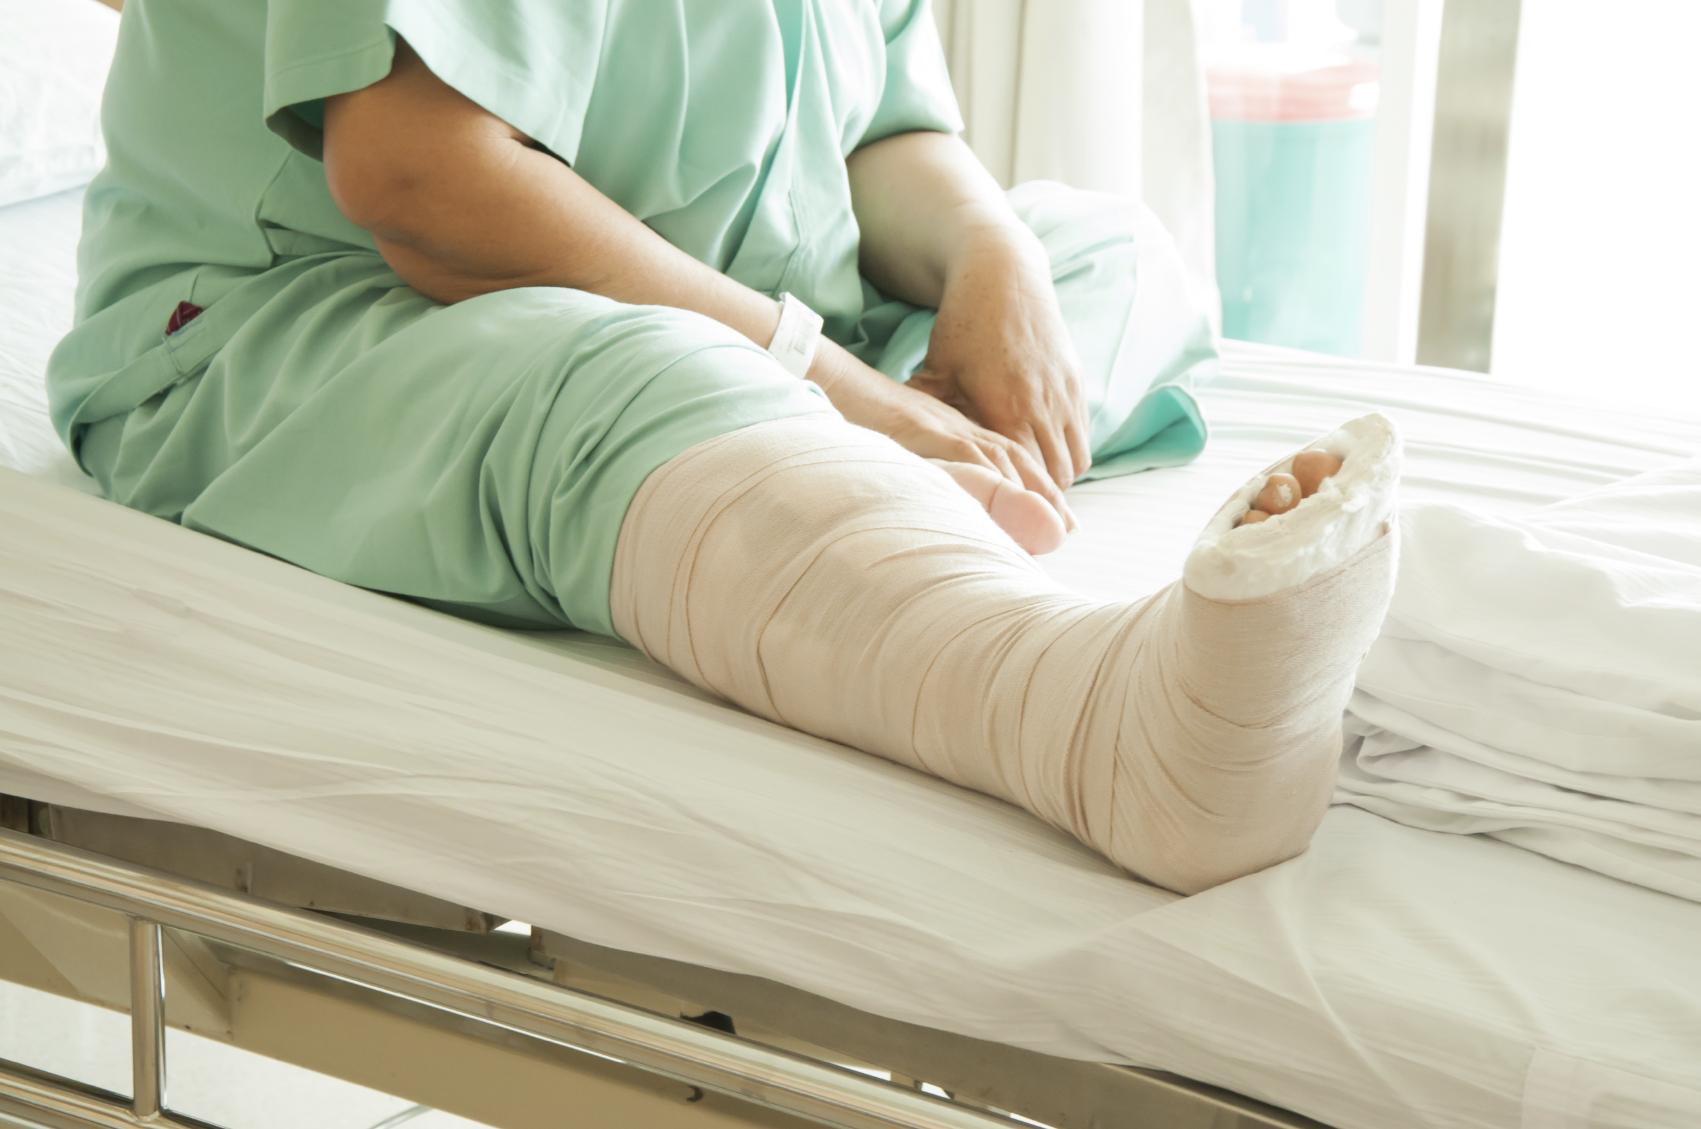 Cast-at-hospital.jpg